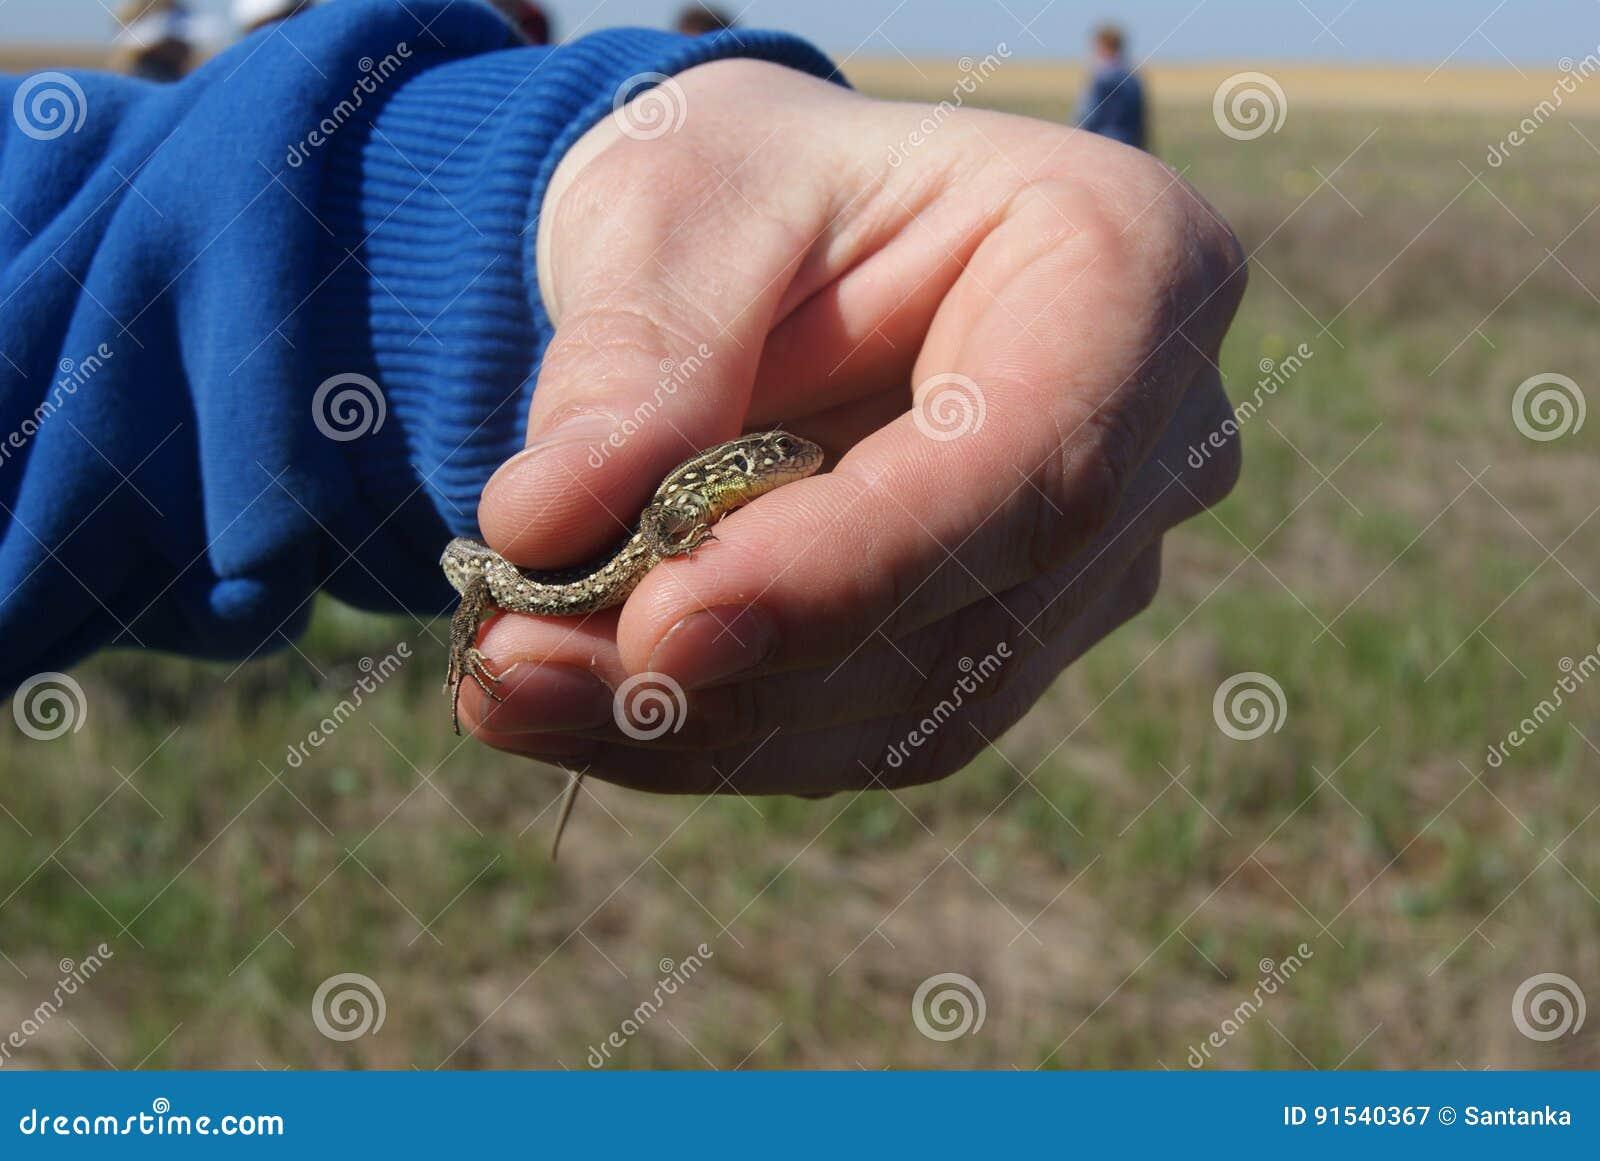 Een mens die vriendelijk met naakte handen een jonge bevlekte of eyed hagedis, Timon-lepidus, vroegere Lacerta-lepida houden